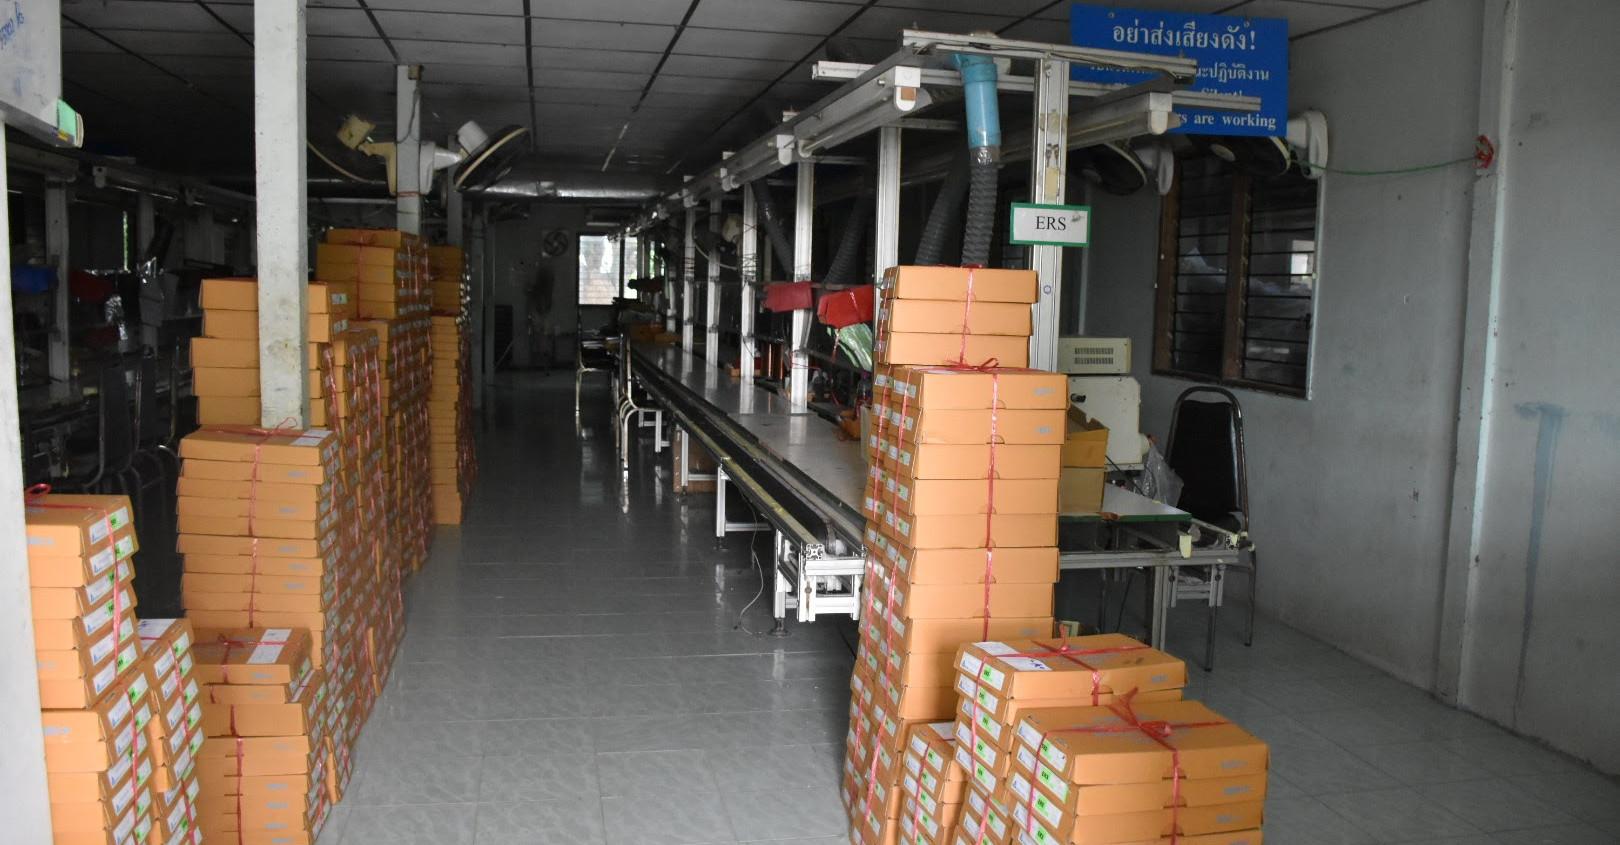 電子部品工場へ視察